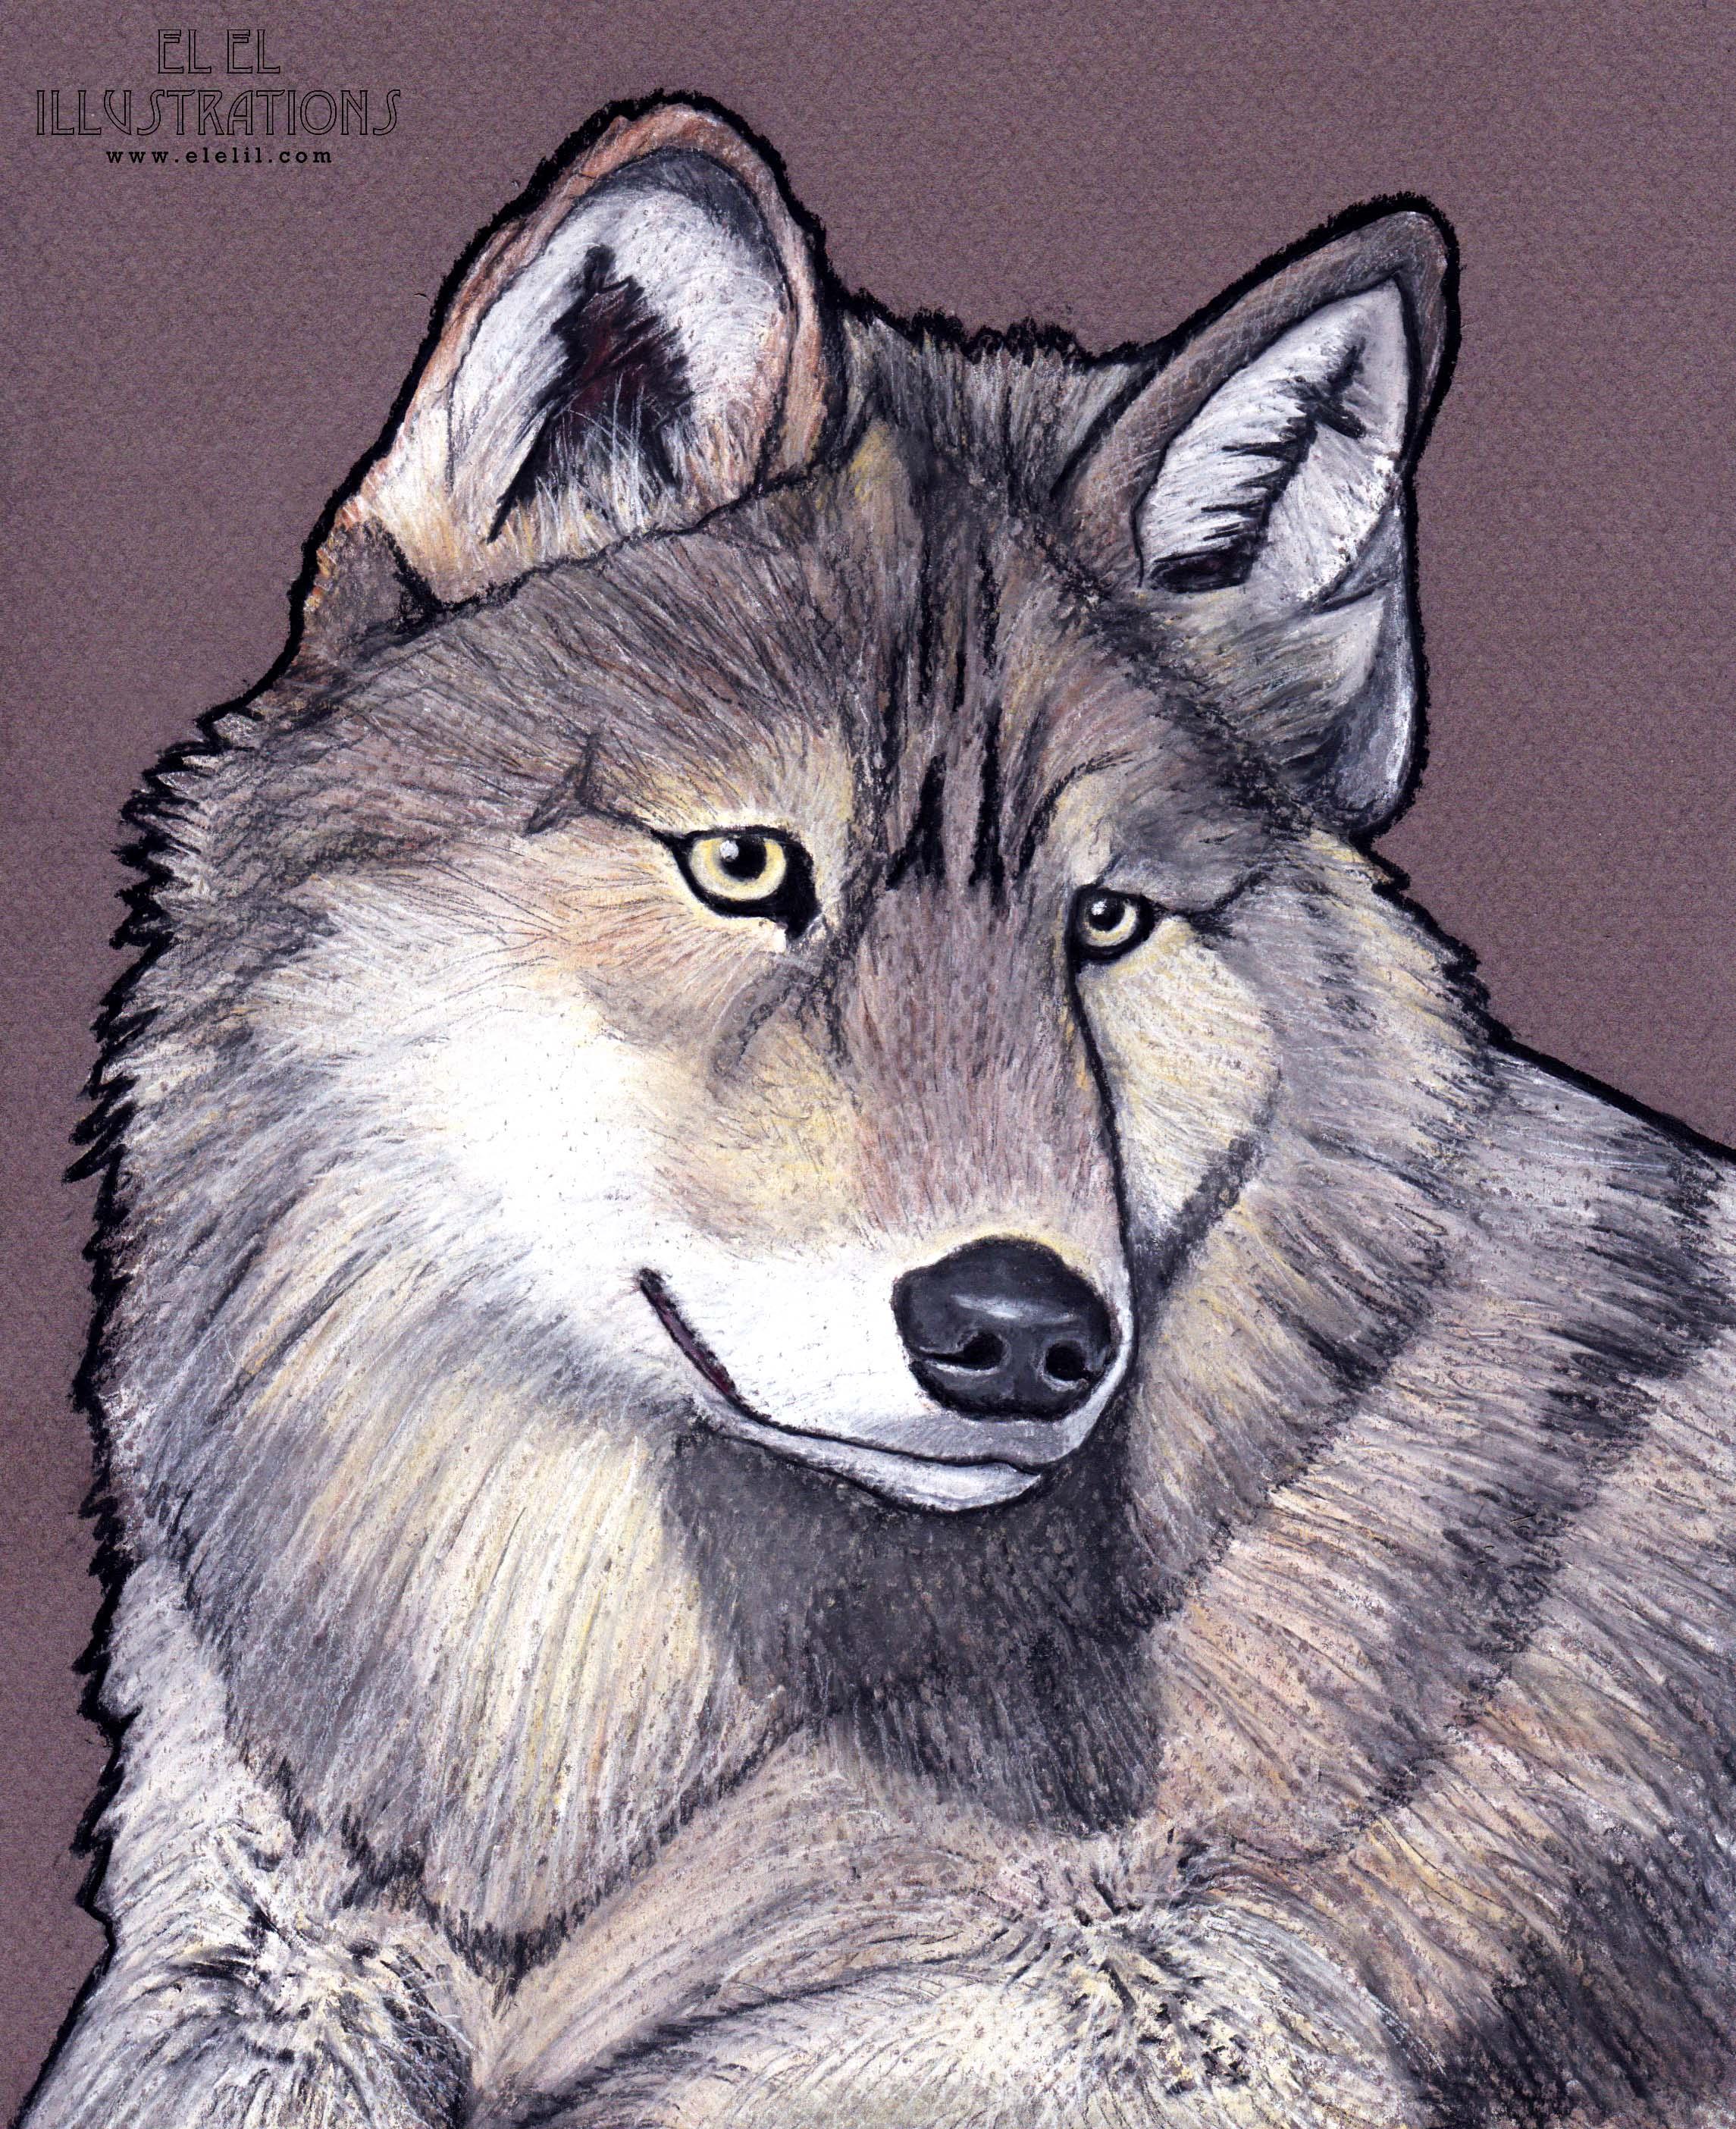 dog_wolf_wm.jpg